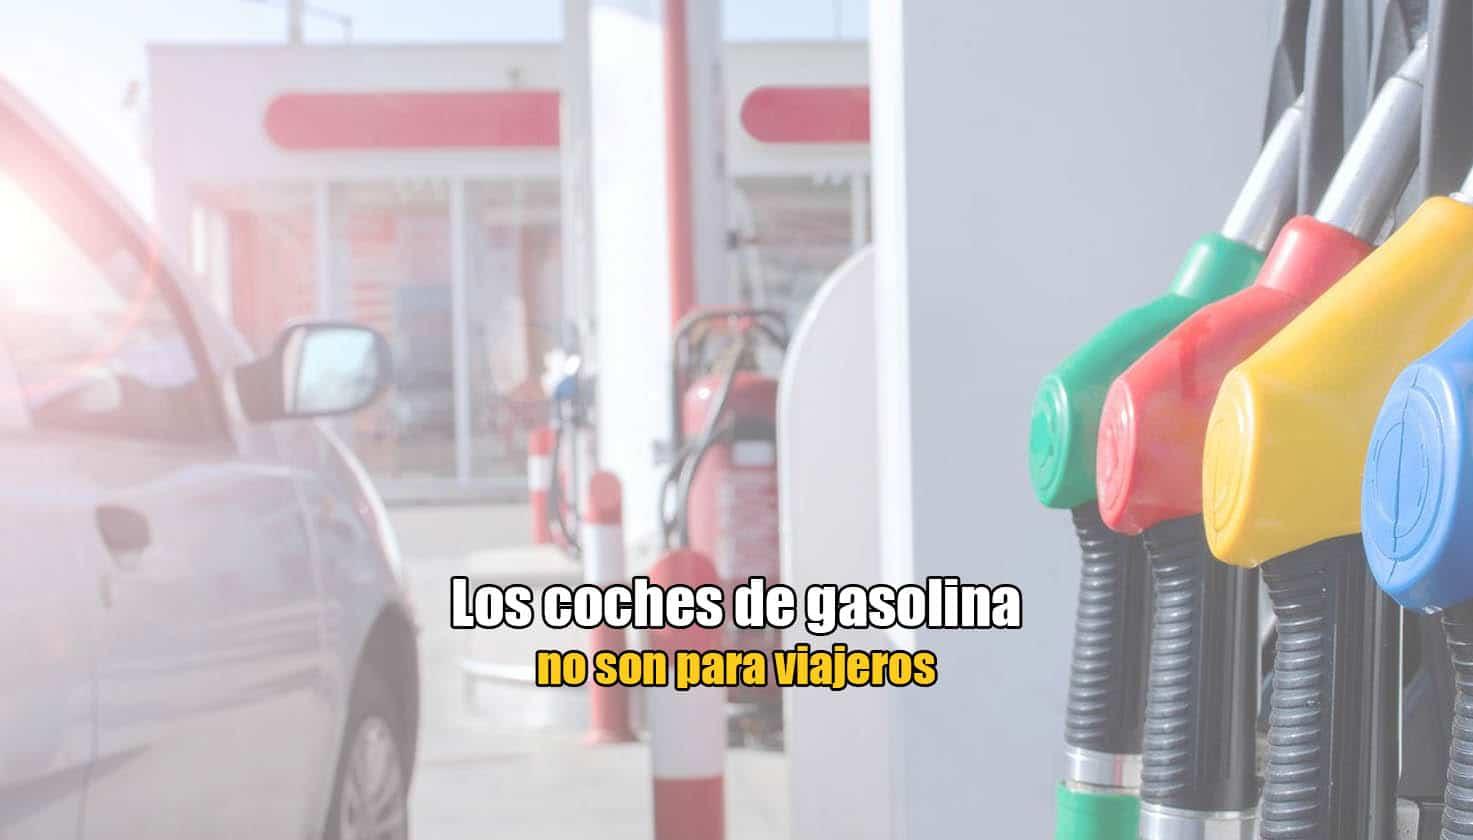 Coche de gasolina para la ciudad